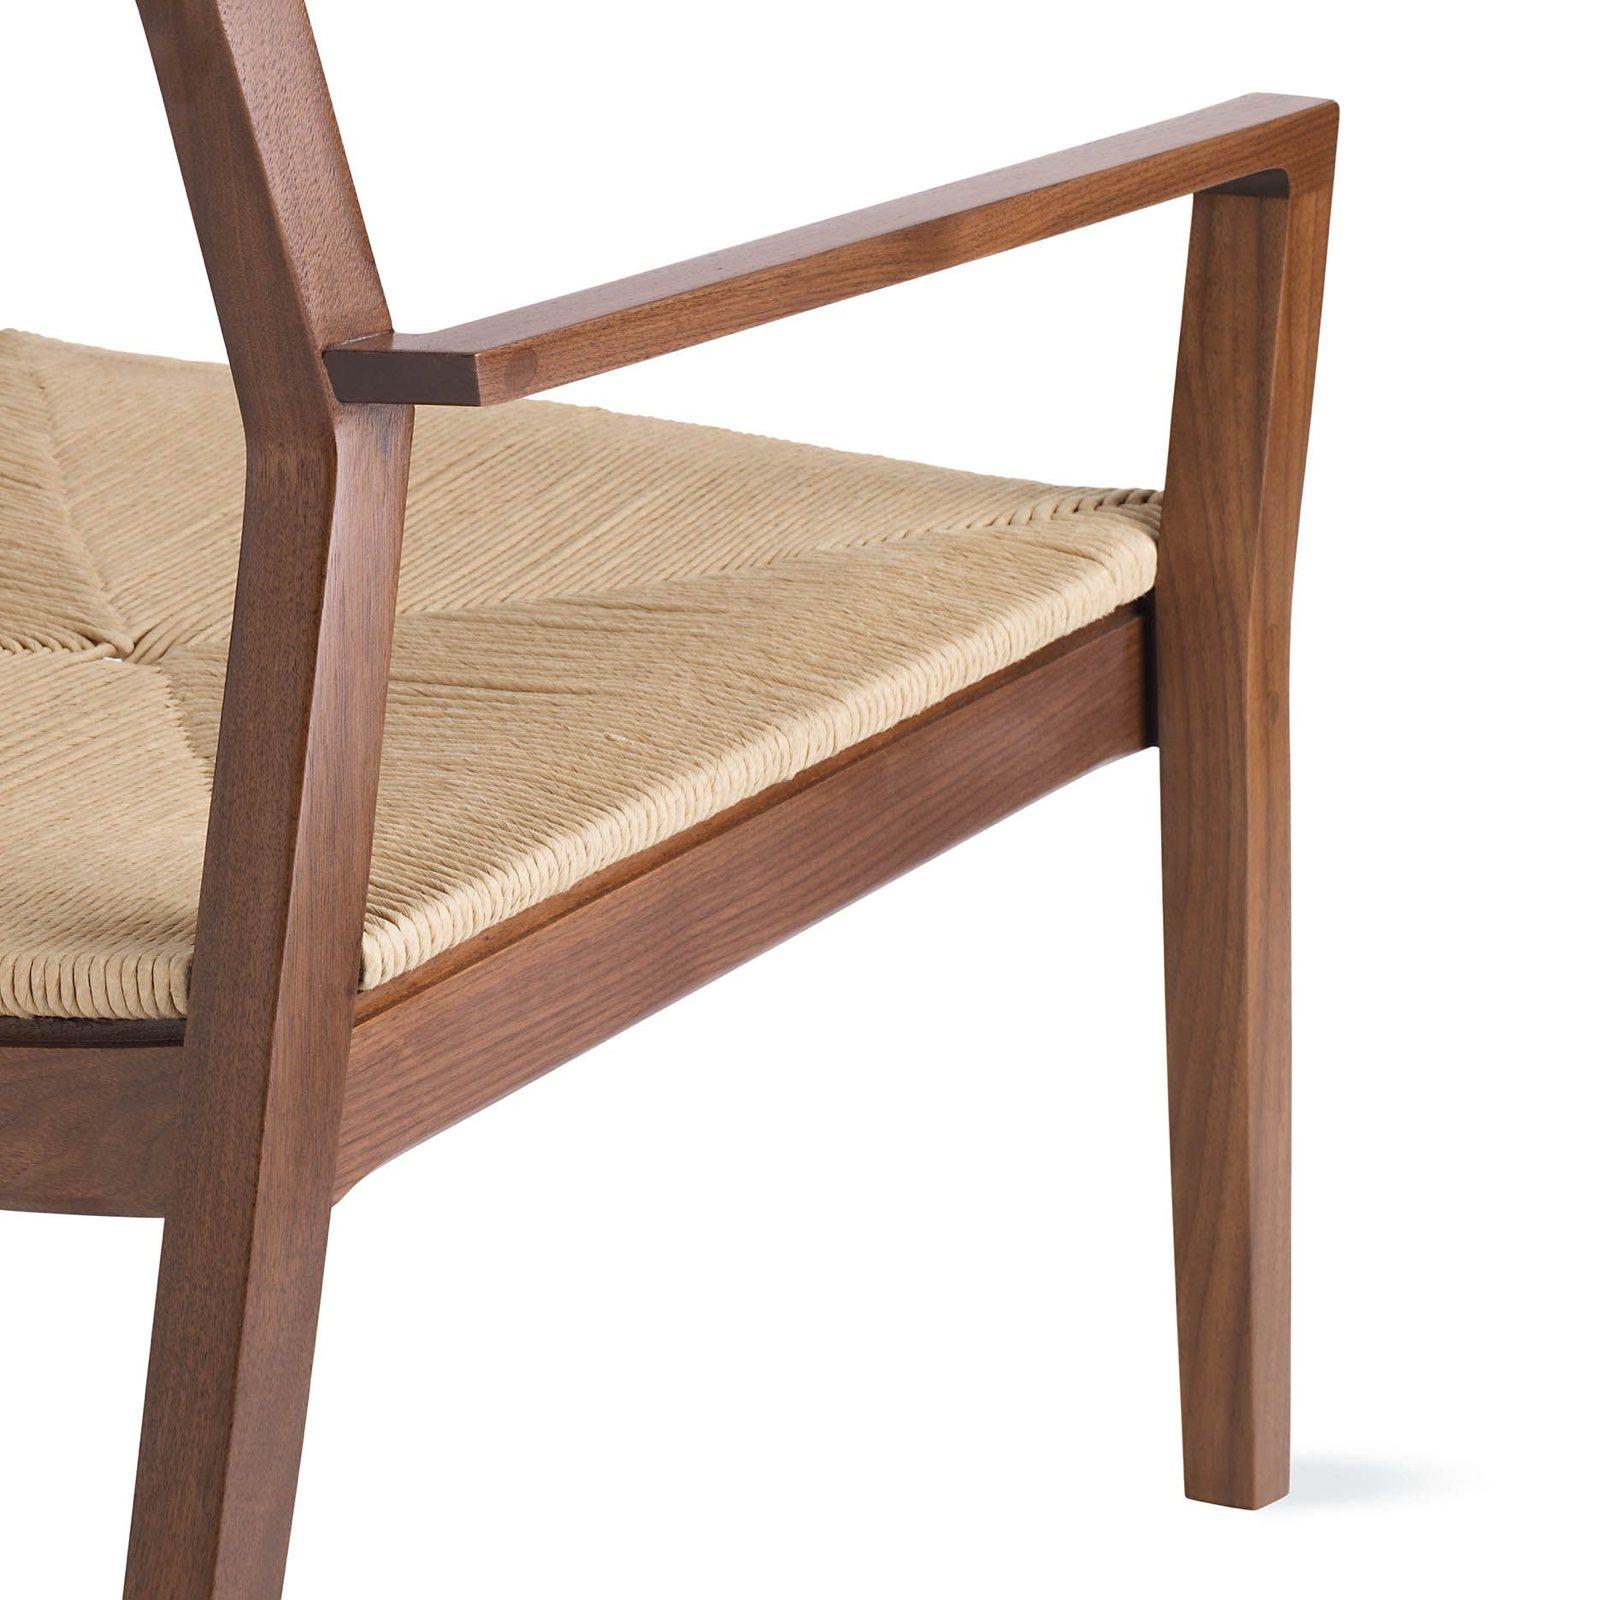 Tremendous Knoll Krusin Lounge Arm Chair Creativecarmelina Interior Chair Design Creativecarmelinacom